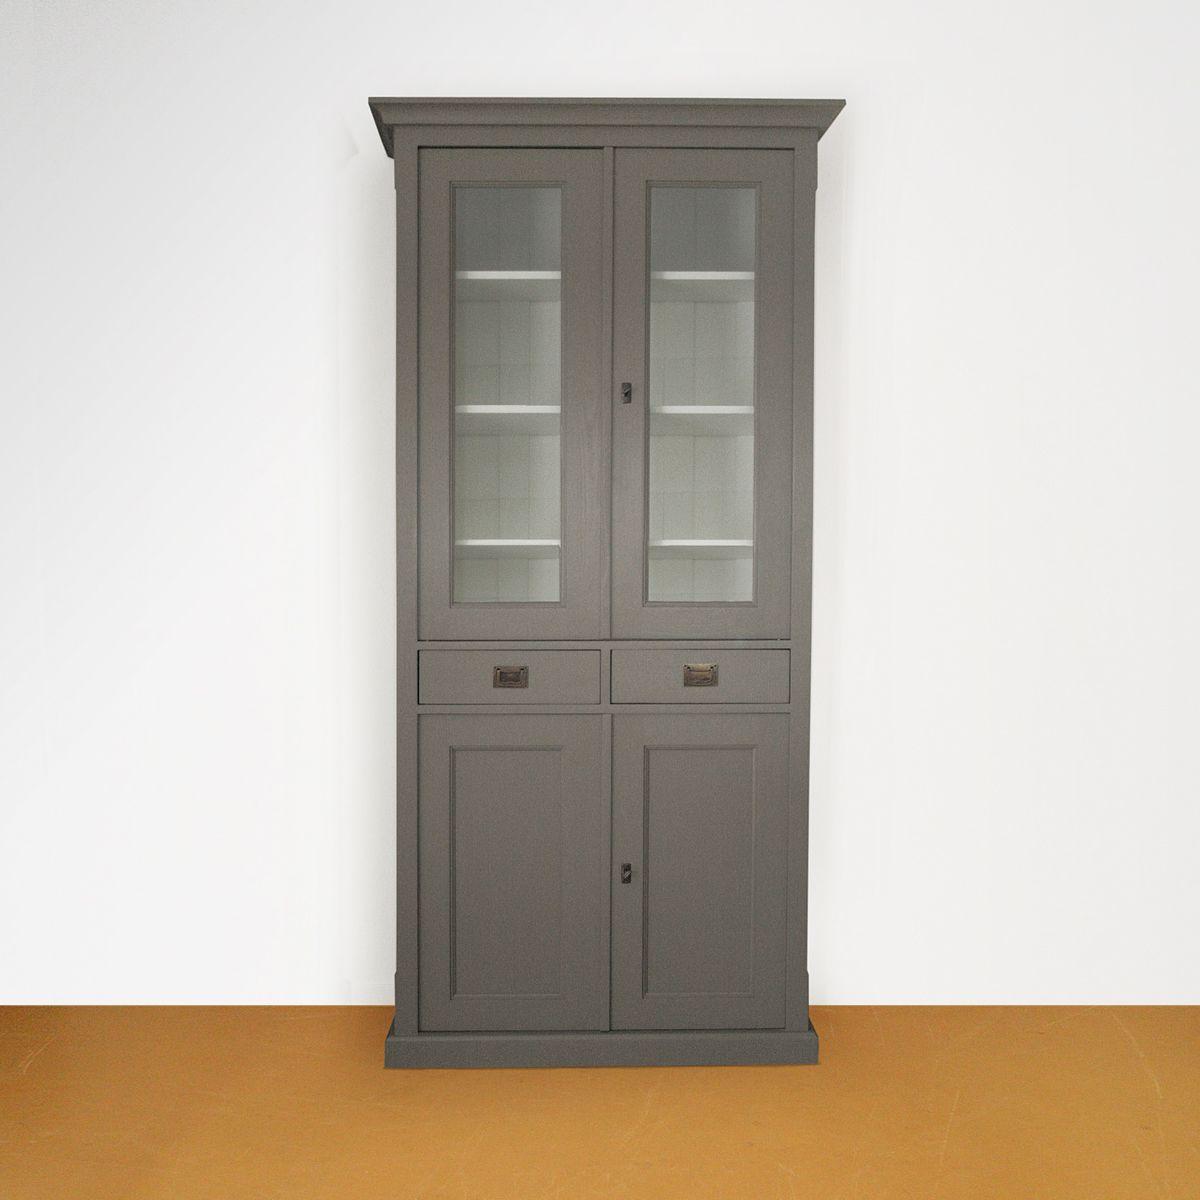 Vitrinekast op maat vier deurs